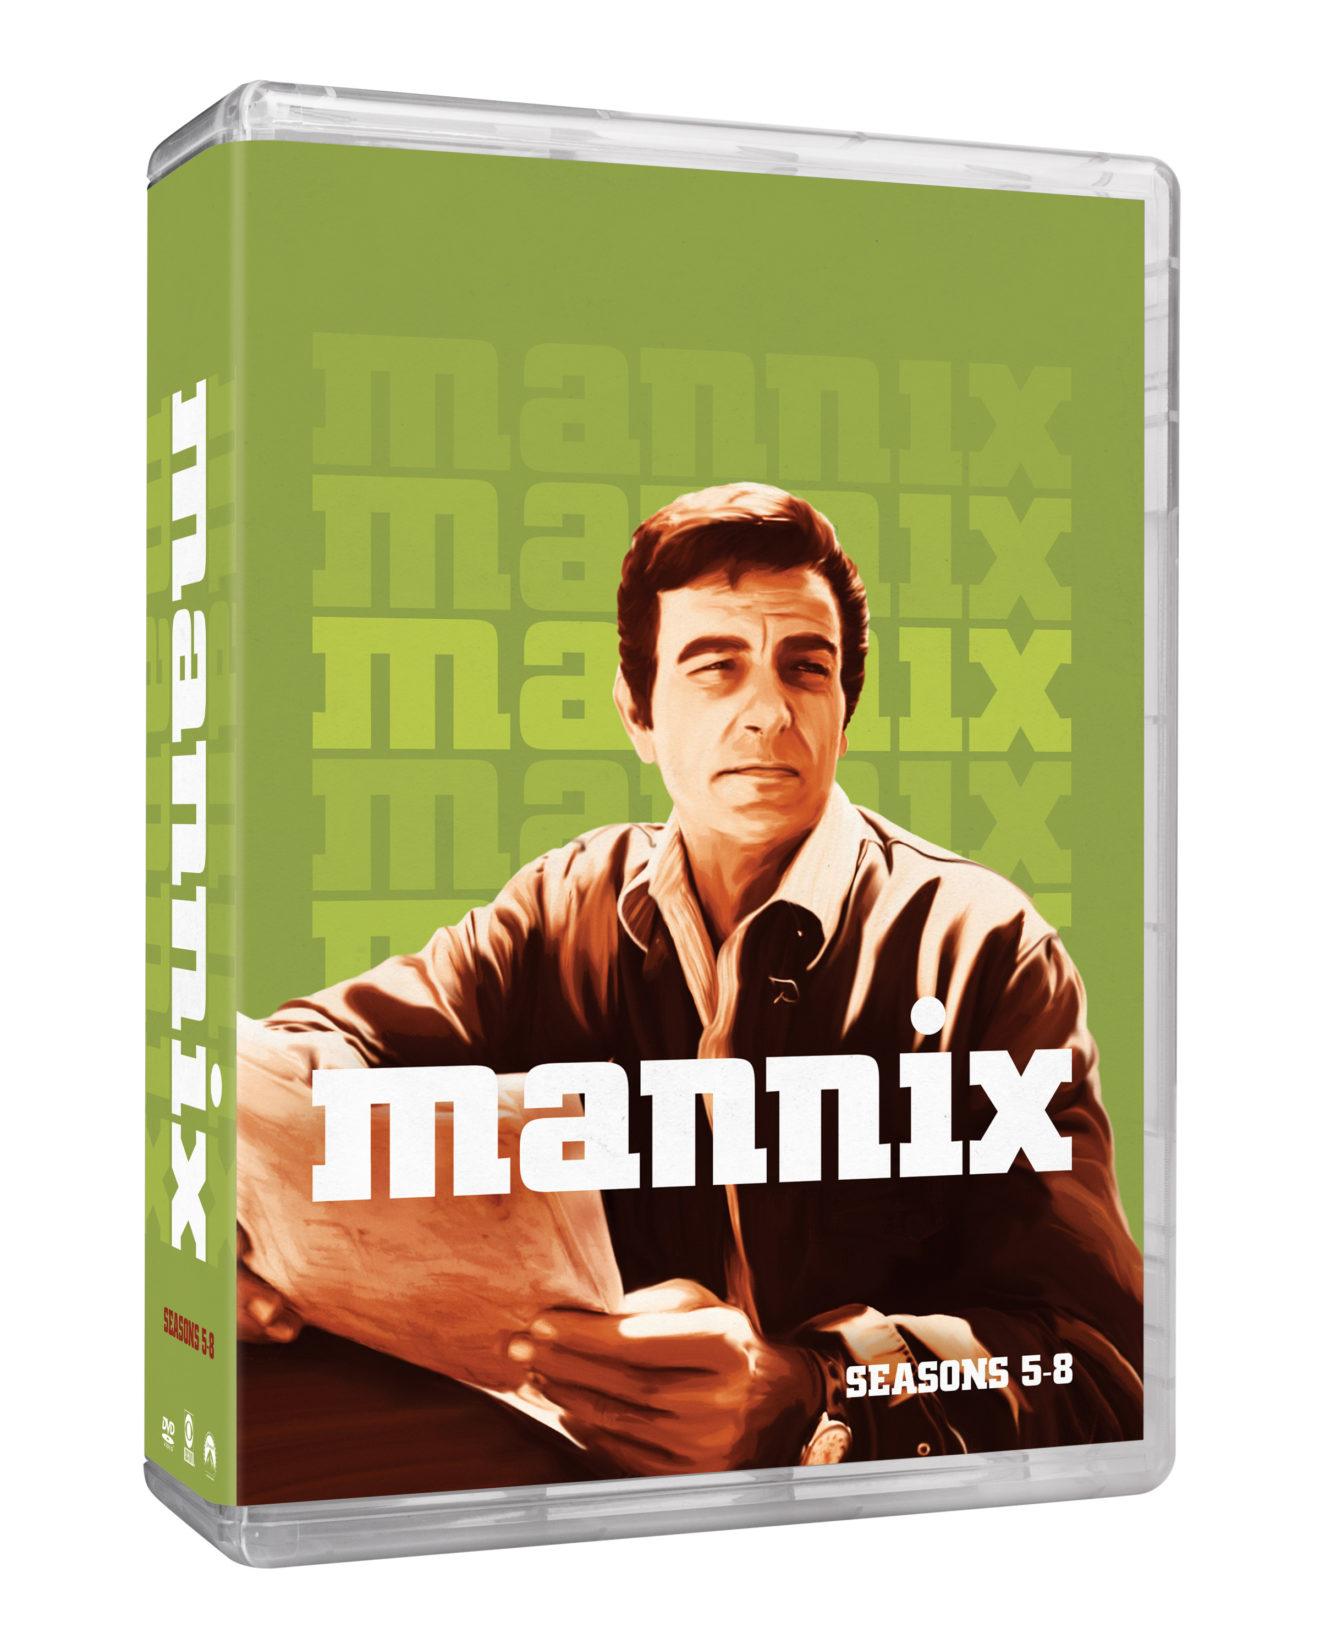 Mannix_S5-8_EpikPack_50mm_DVD-3D_R1